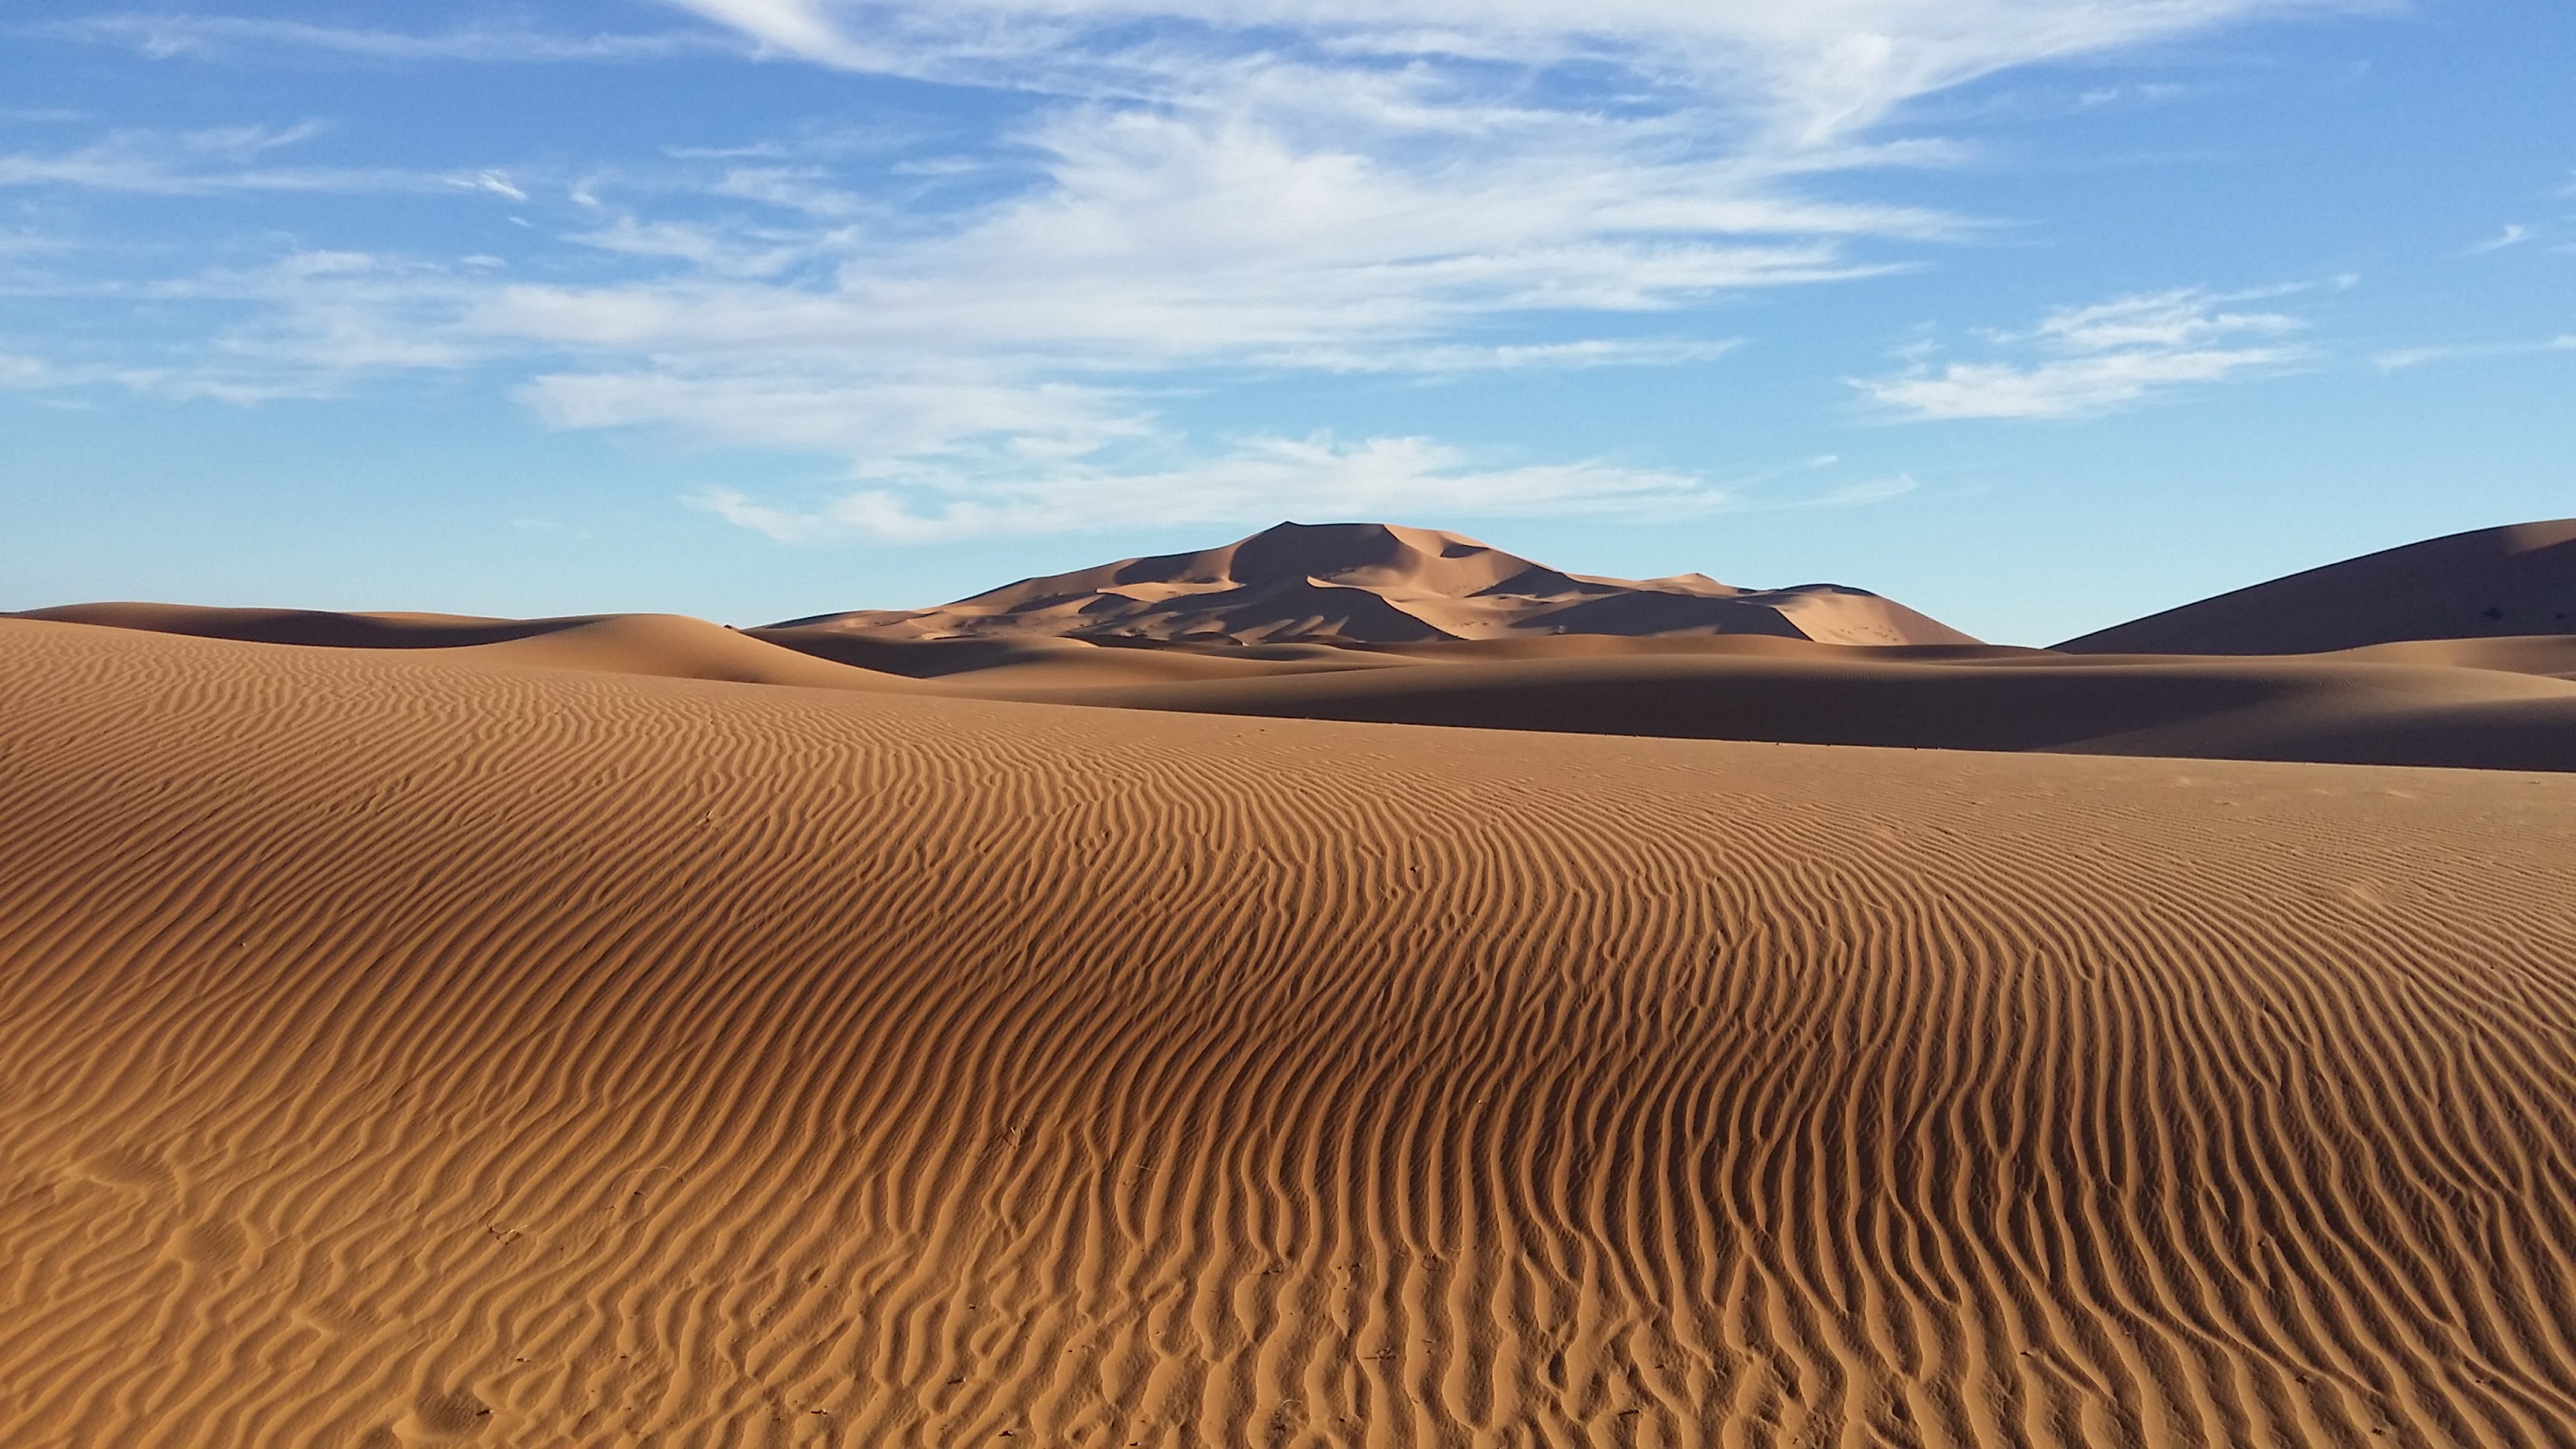 Tinfou Dune